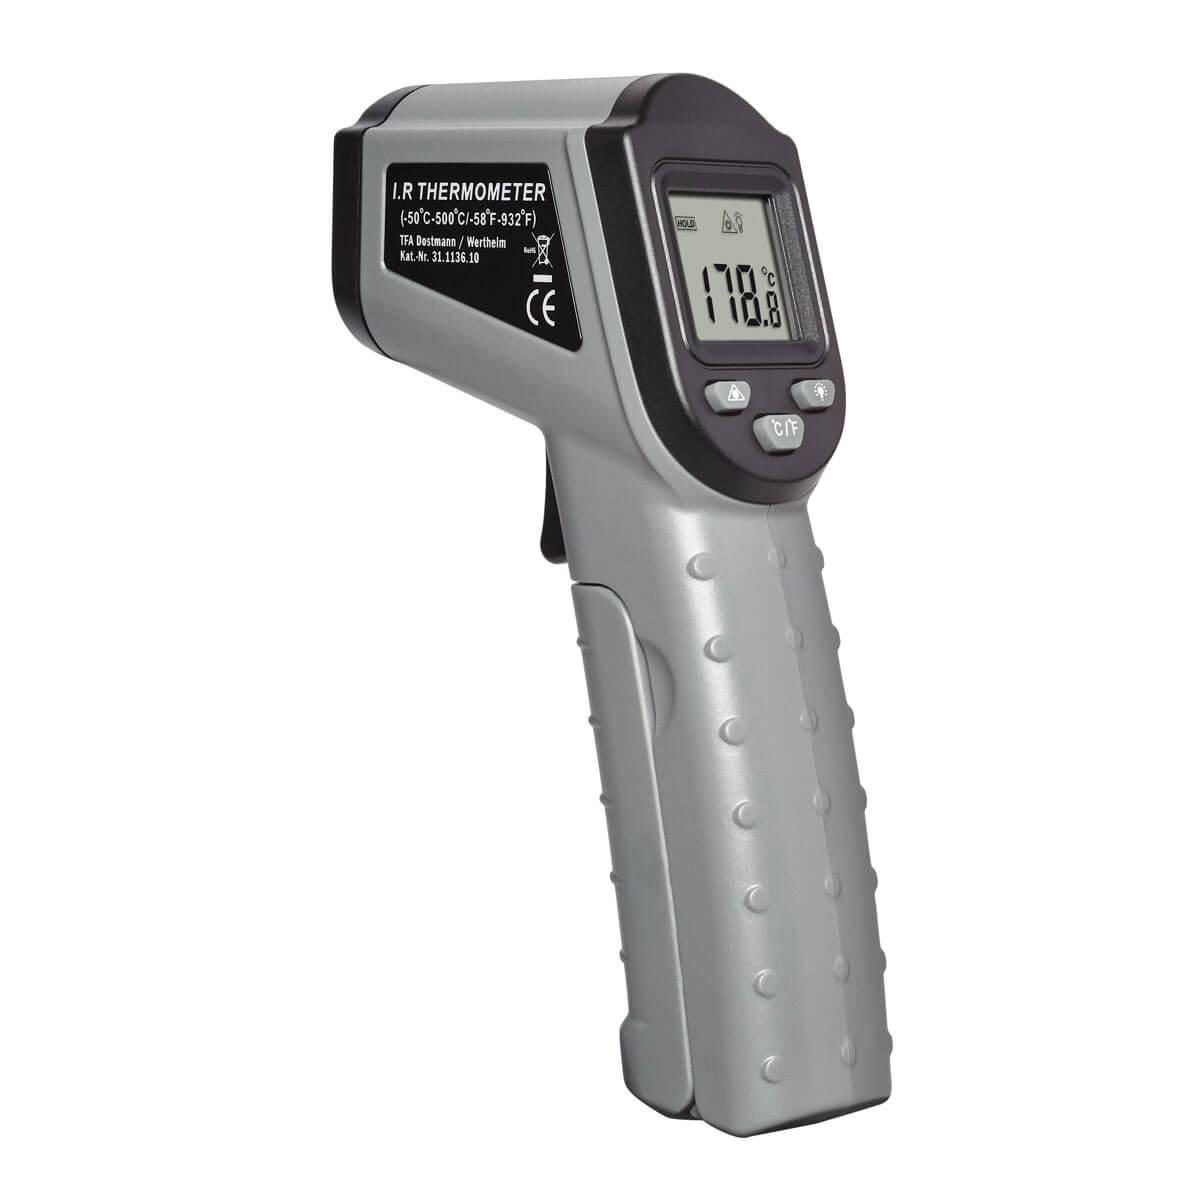 Termatech I.R. temperaturmåler tt-92-160